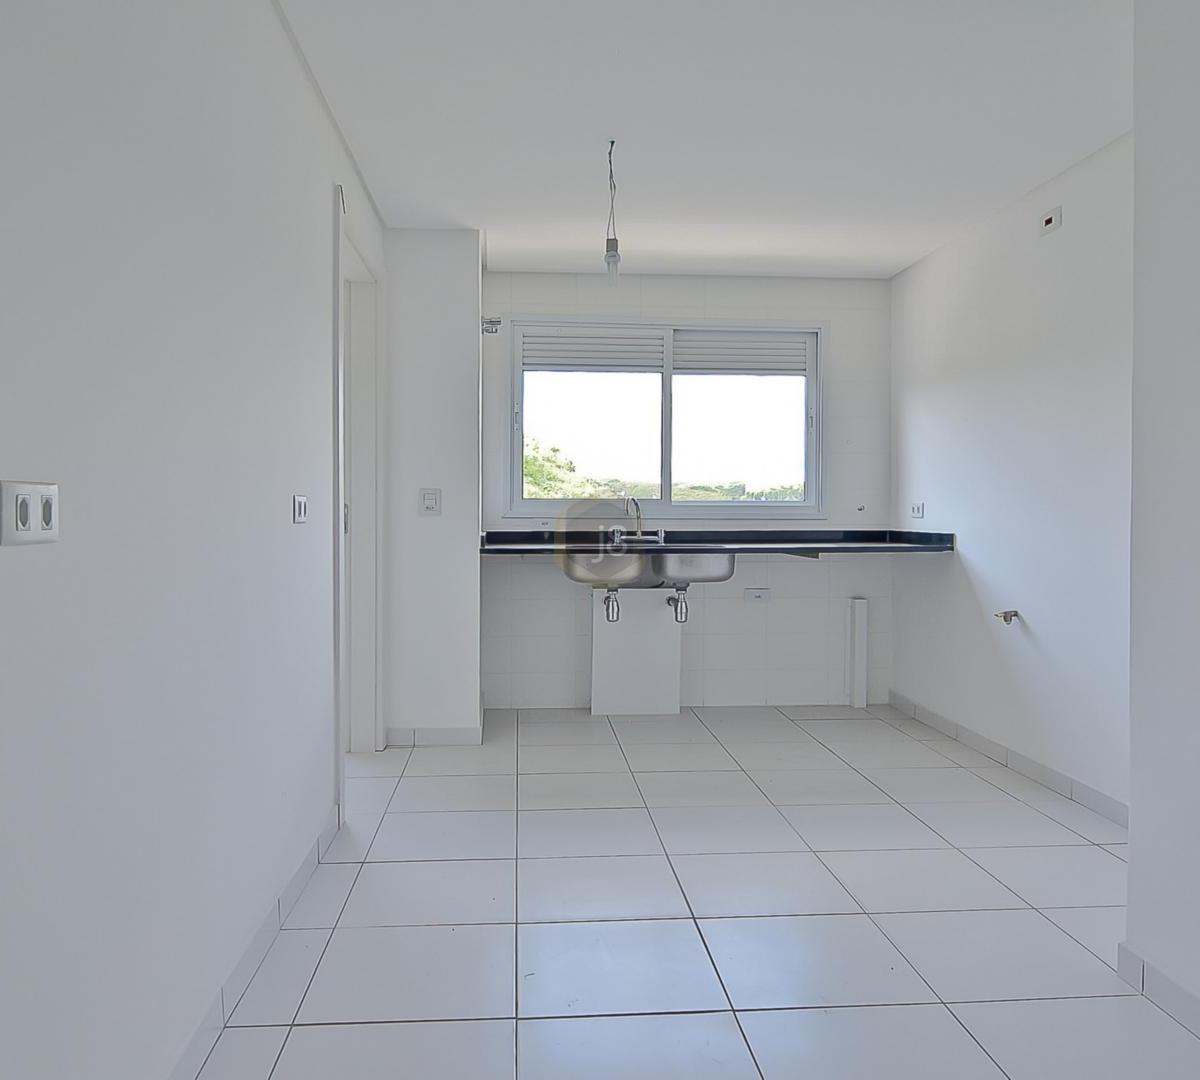 Imagens de #556176 Apartamento à venda com 3 Quartos Água Verde Curitiba R$ 1.190  1200x1080 px 3026 Box Banheiro Curitiba Agua Verde